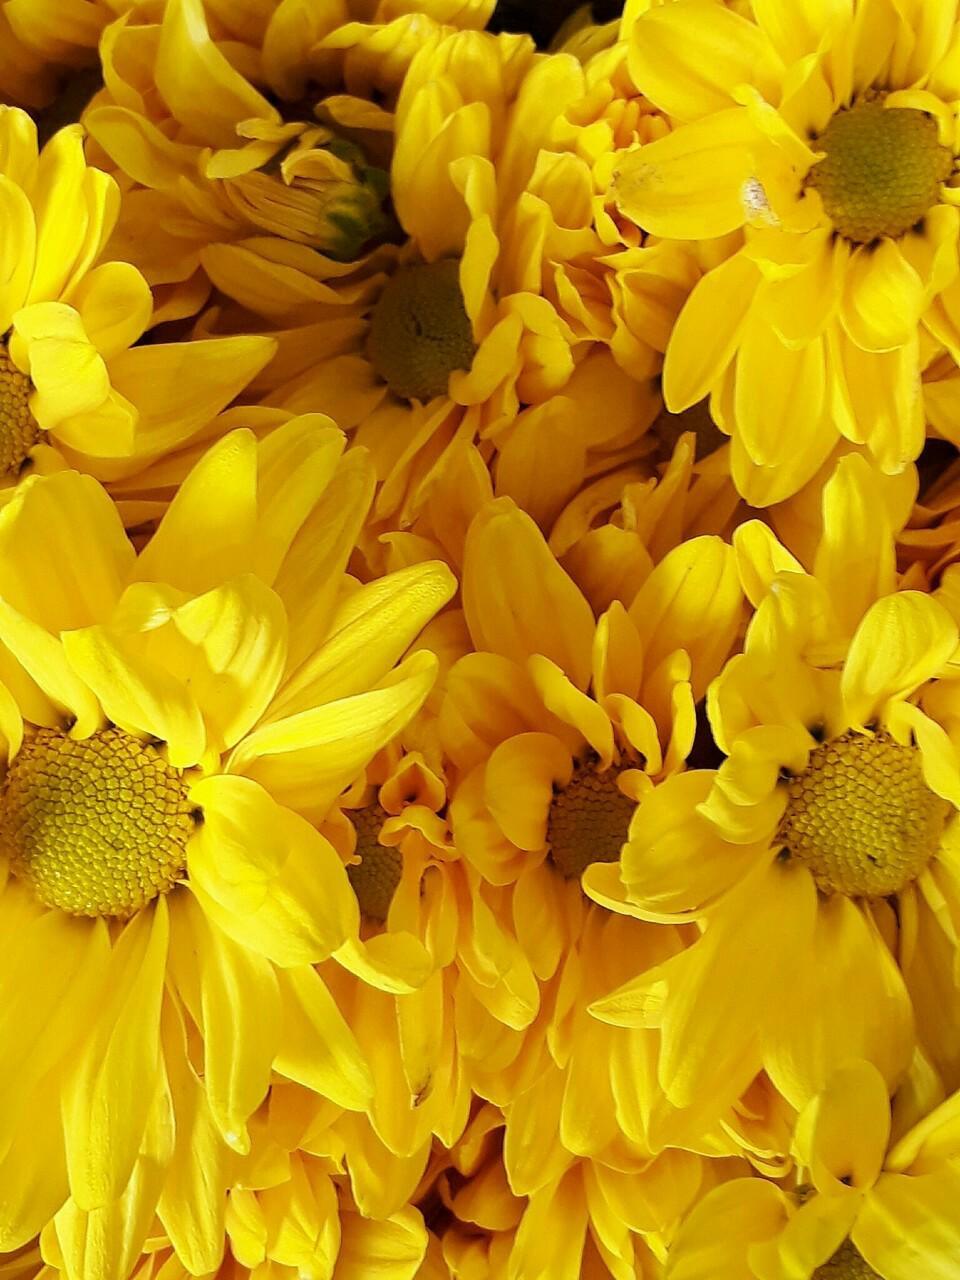 Картинка в желтом цвете фото